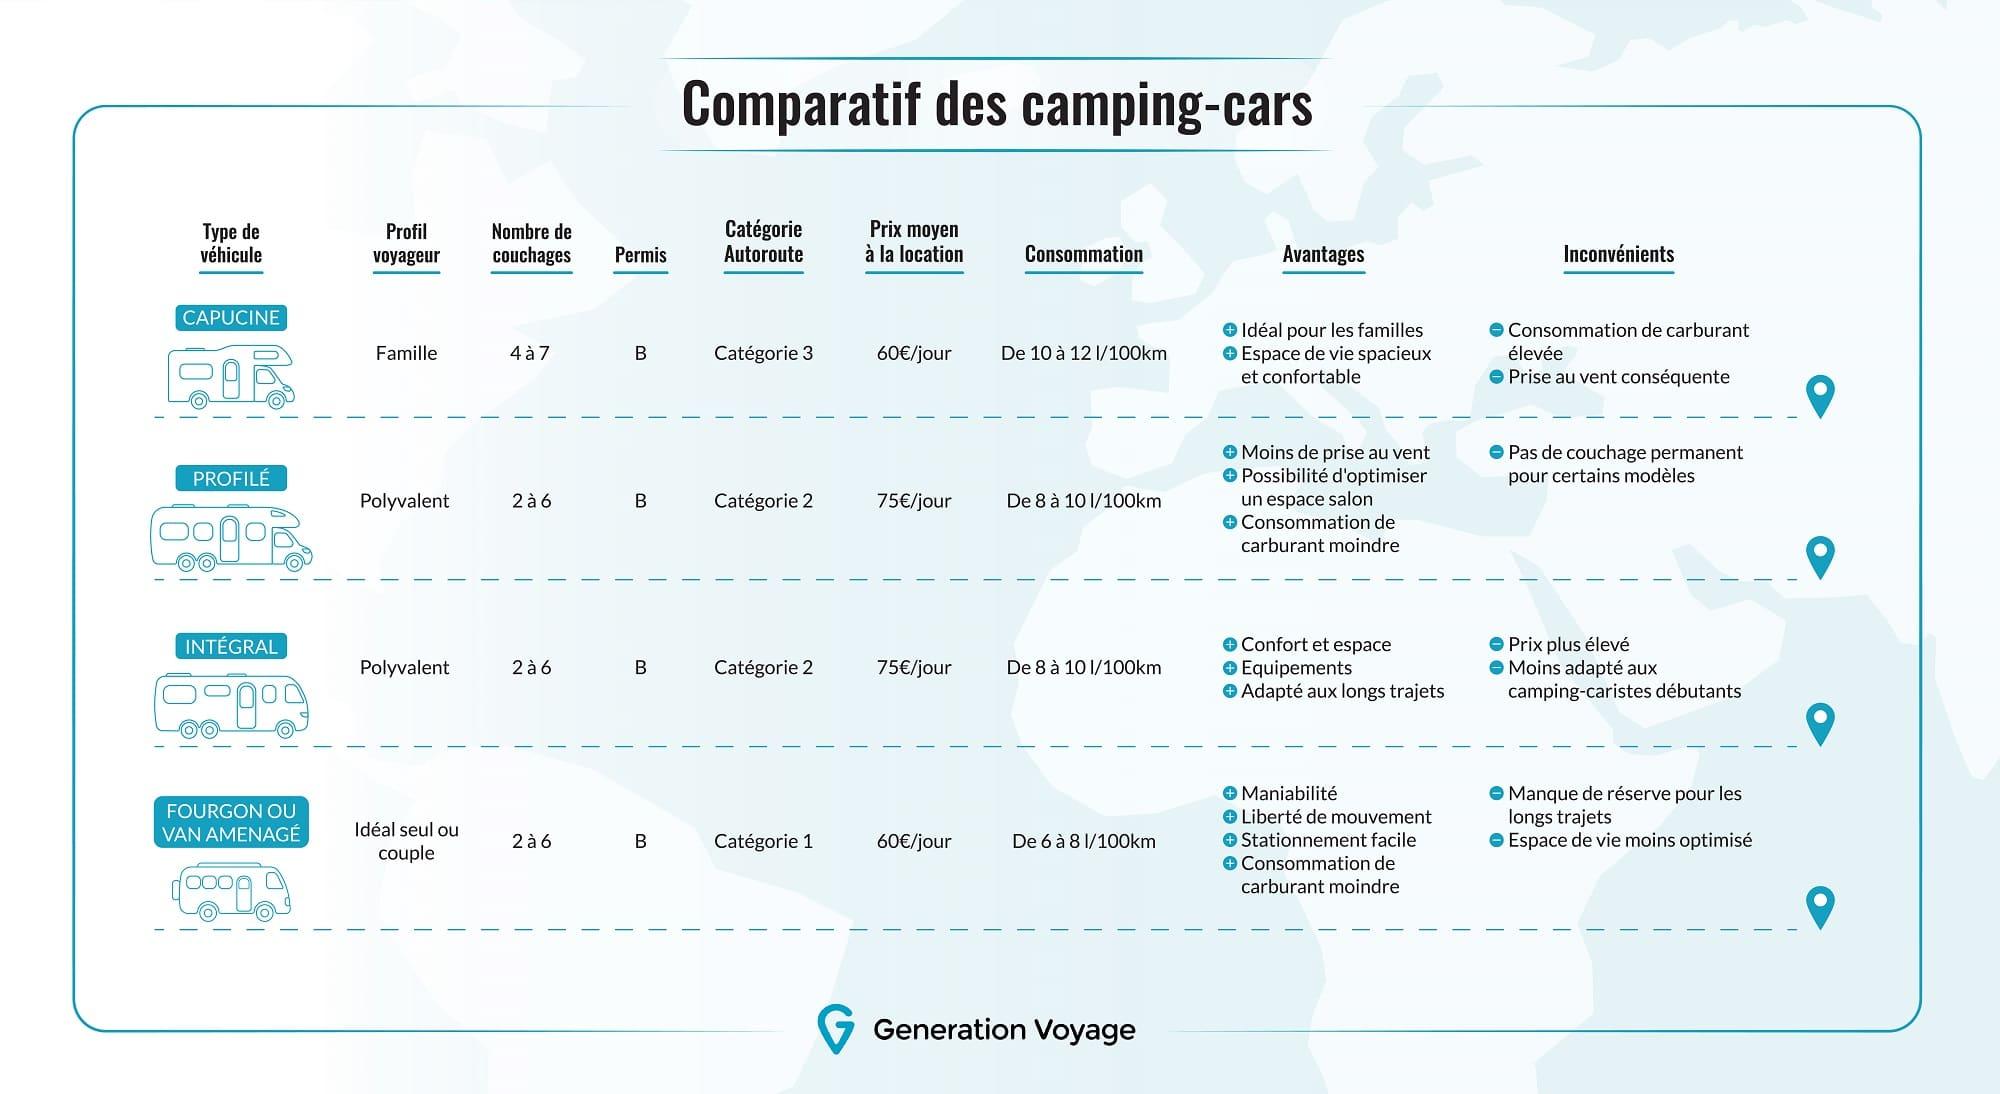 Comparatif camping-cars : tous les modèles